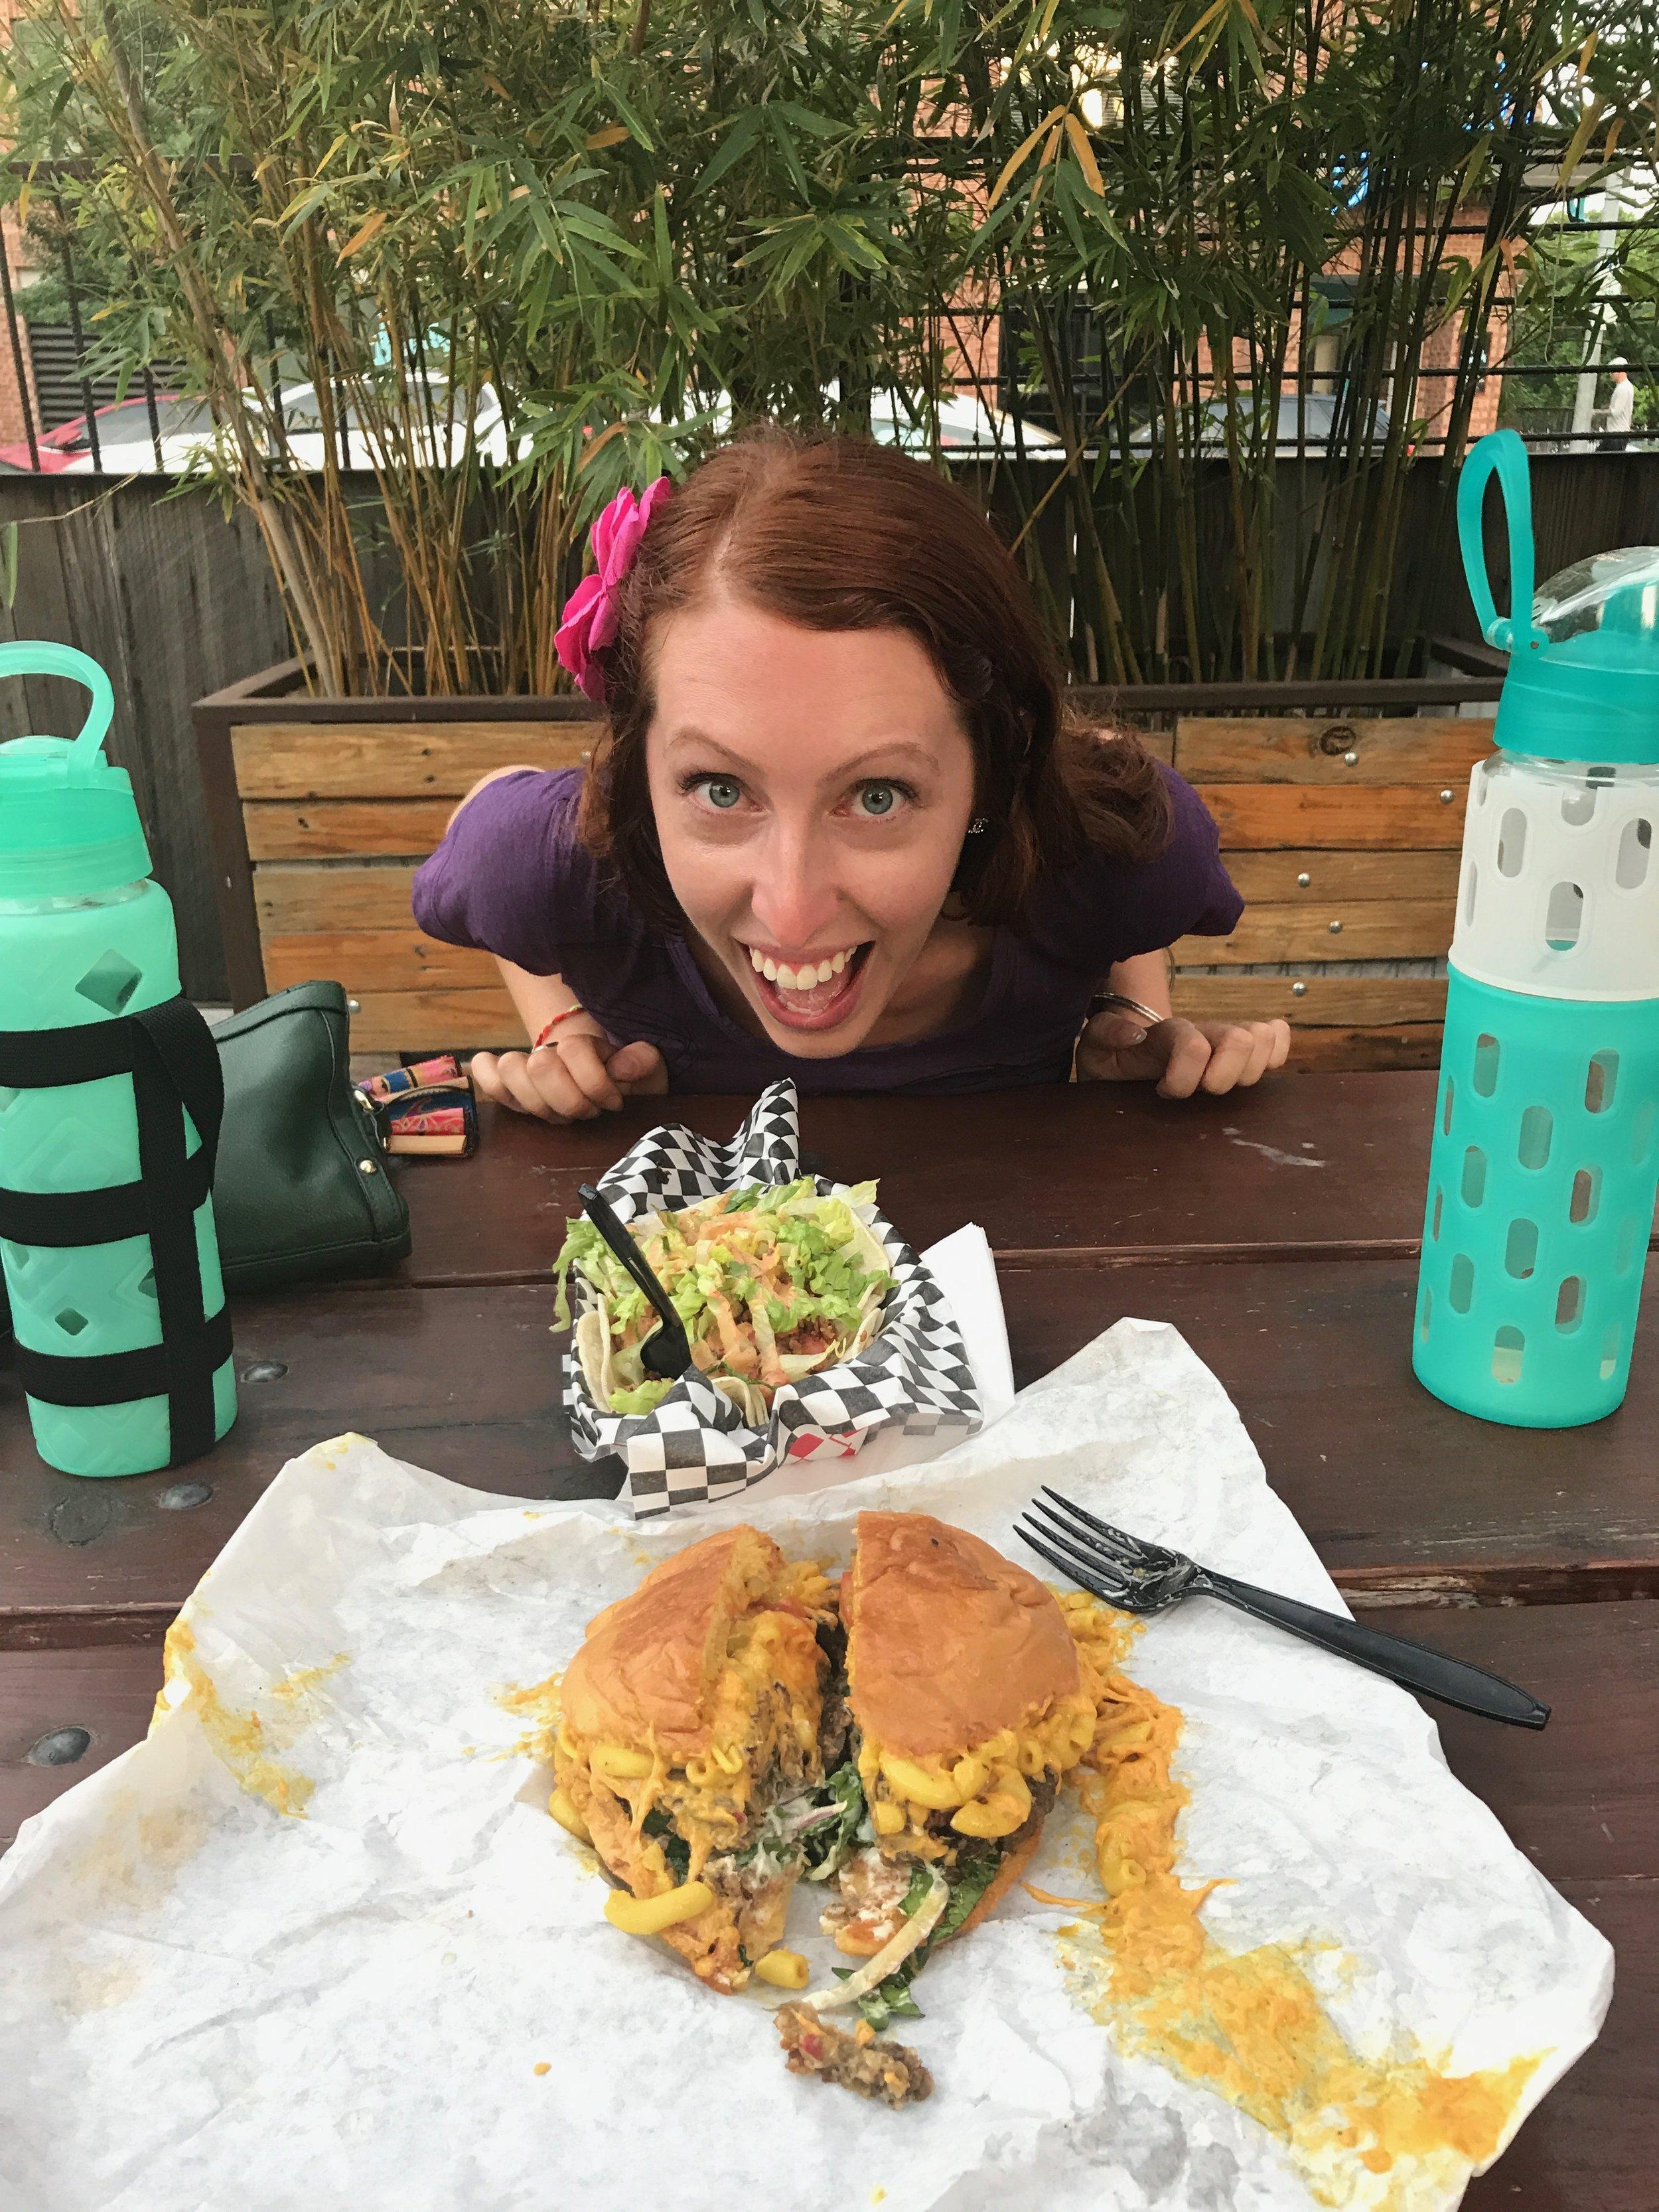 Vegan Chik'n Tacos and Bac'n Mac and Cheeze Burger at Arlo's